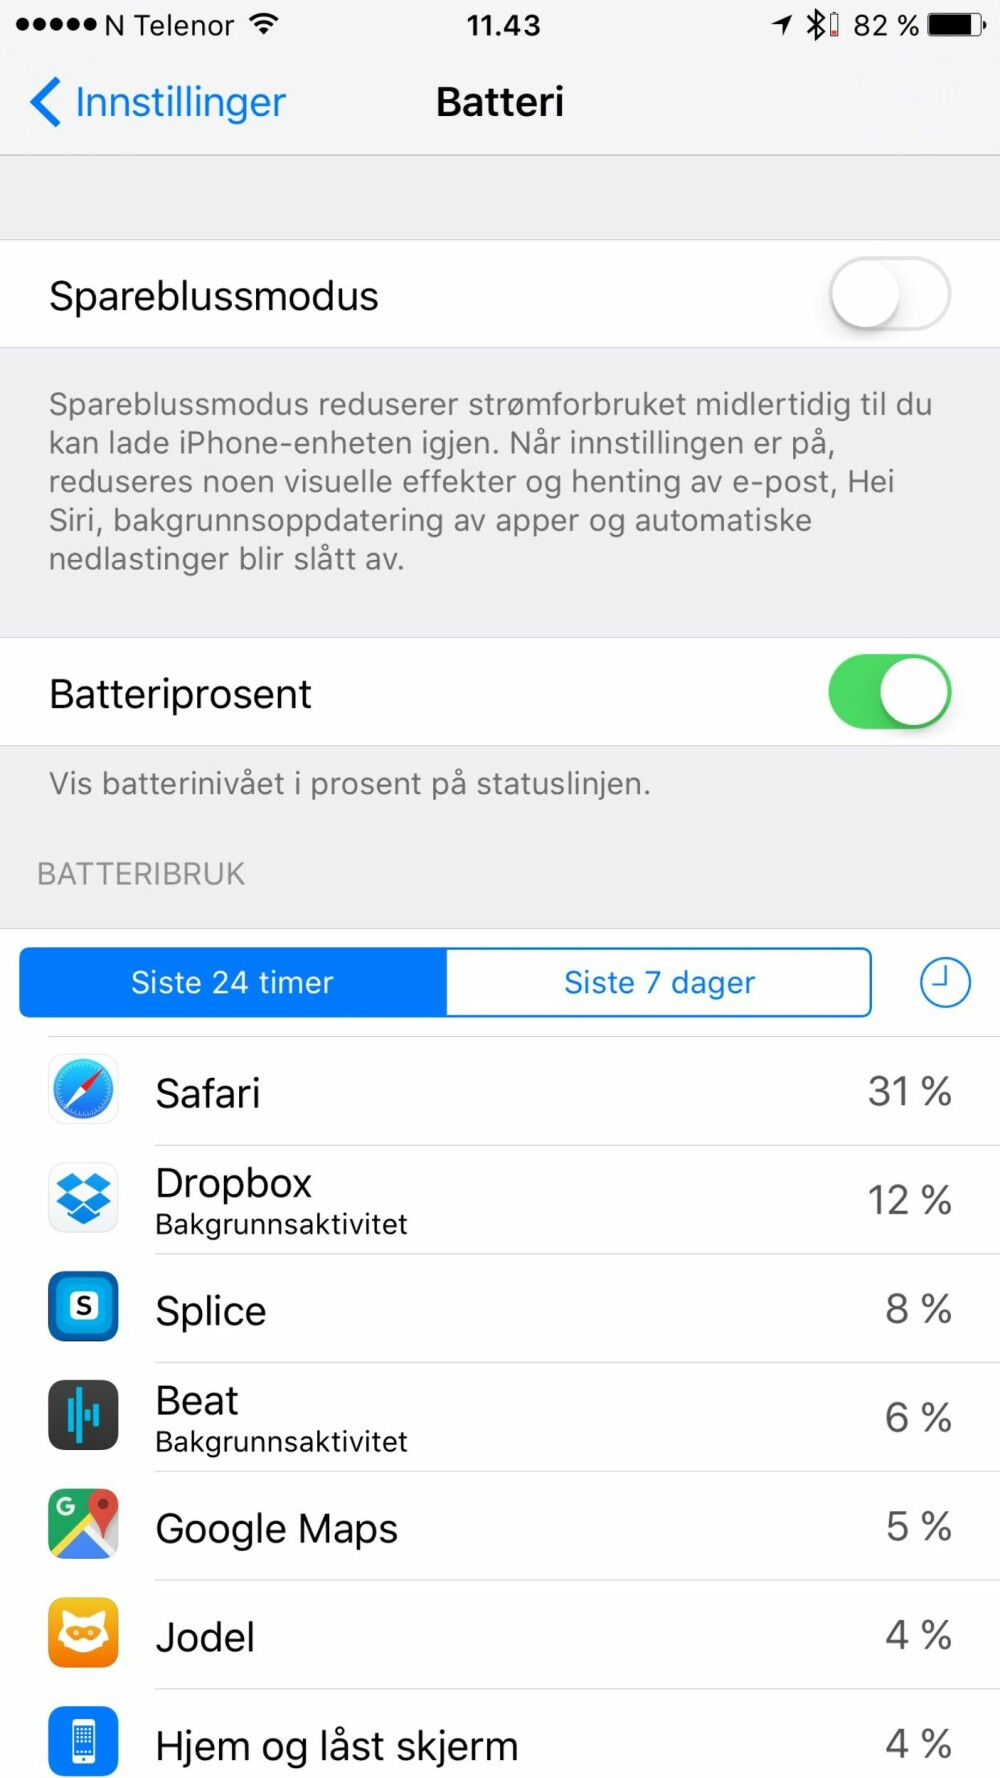 Sjekk innstillingene for batteriet for å finne ut om det er enkelte apper som er ekstra batteritørste.